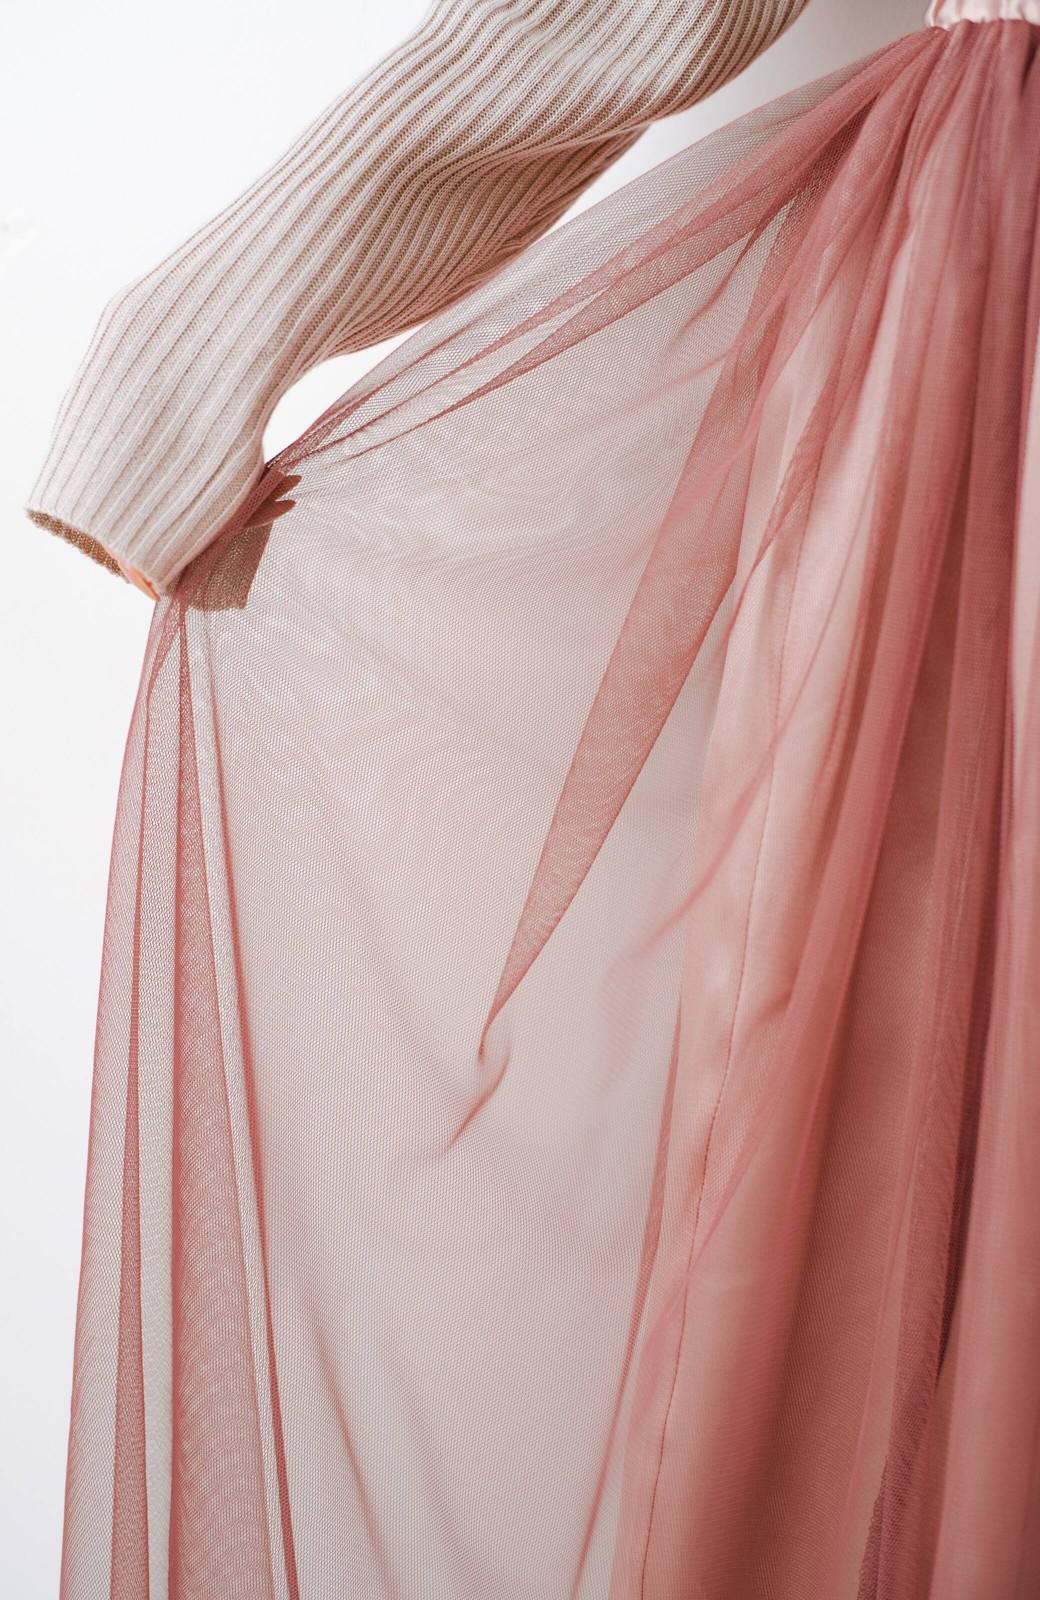 haco! 着るだけでルンとした気分になる! 長ーーい季節着られてずっと使えるオトナのためのチュールスカート <ピンク>の商品写真10